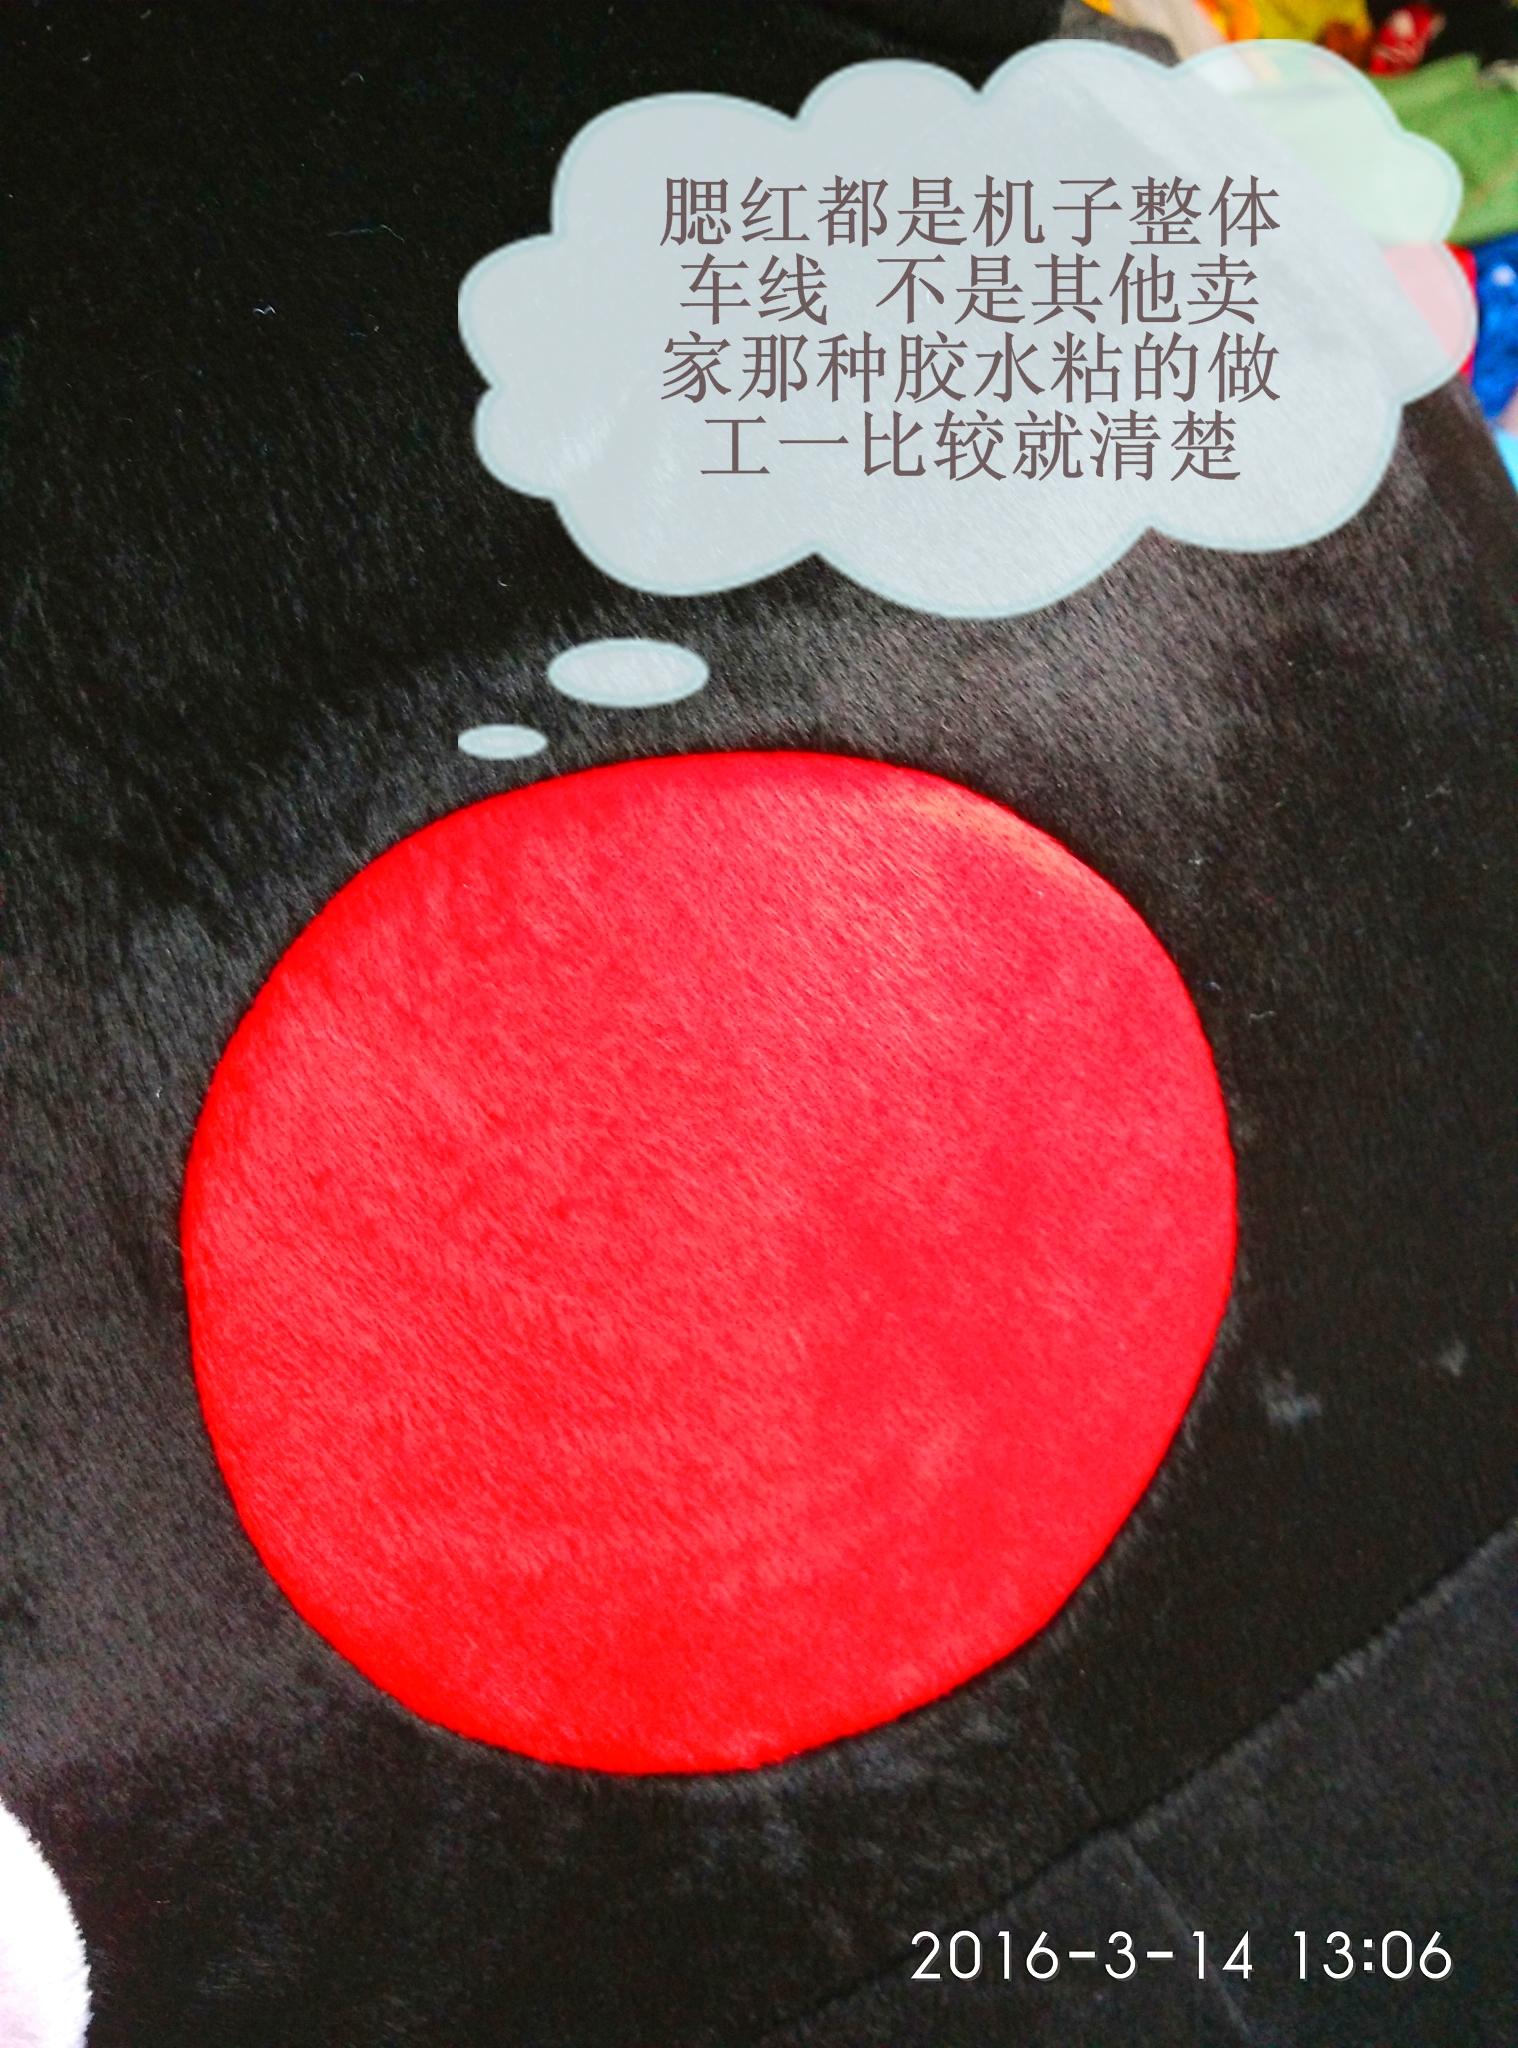 国庆特价熊本熊人偶服疯狂动物城皮卡丘卡通服装行走广告人偶服